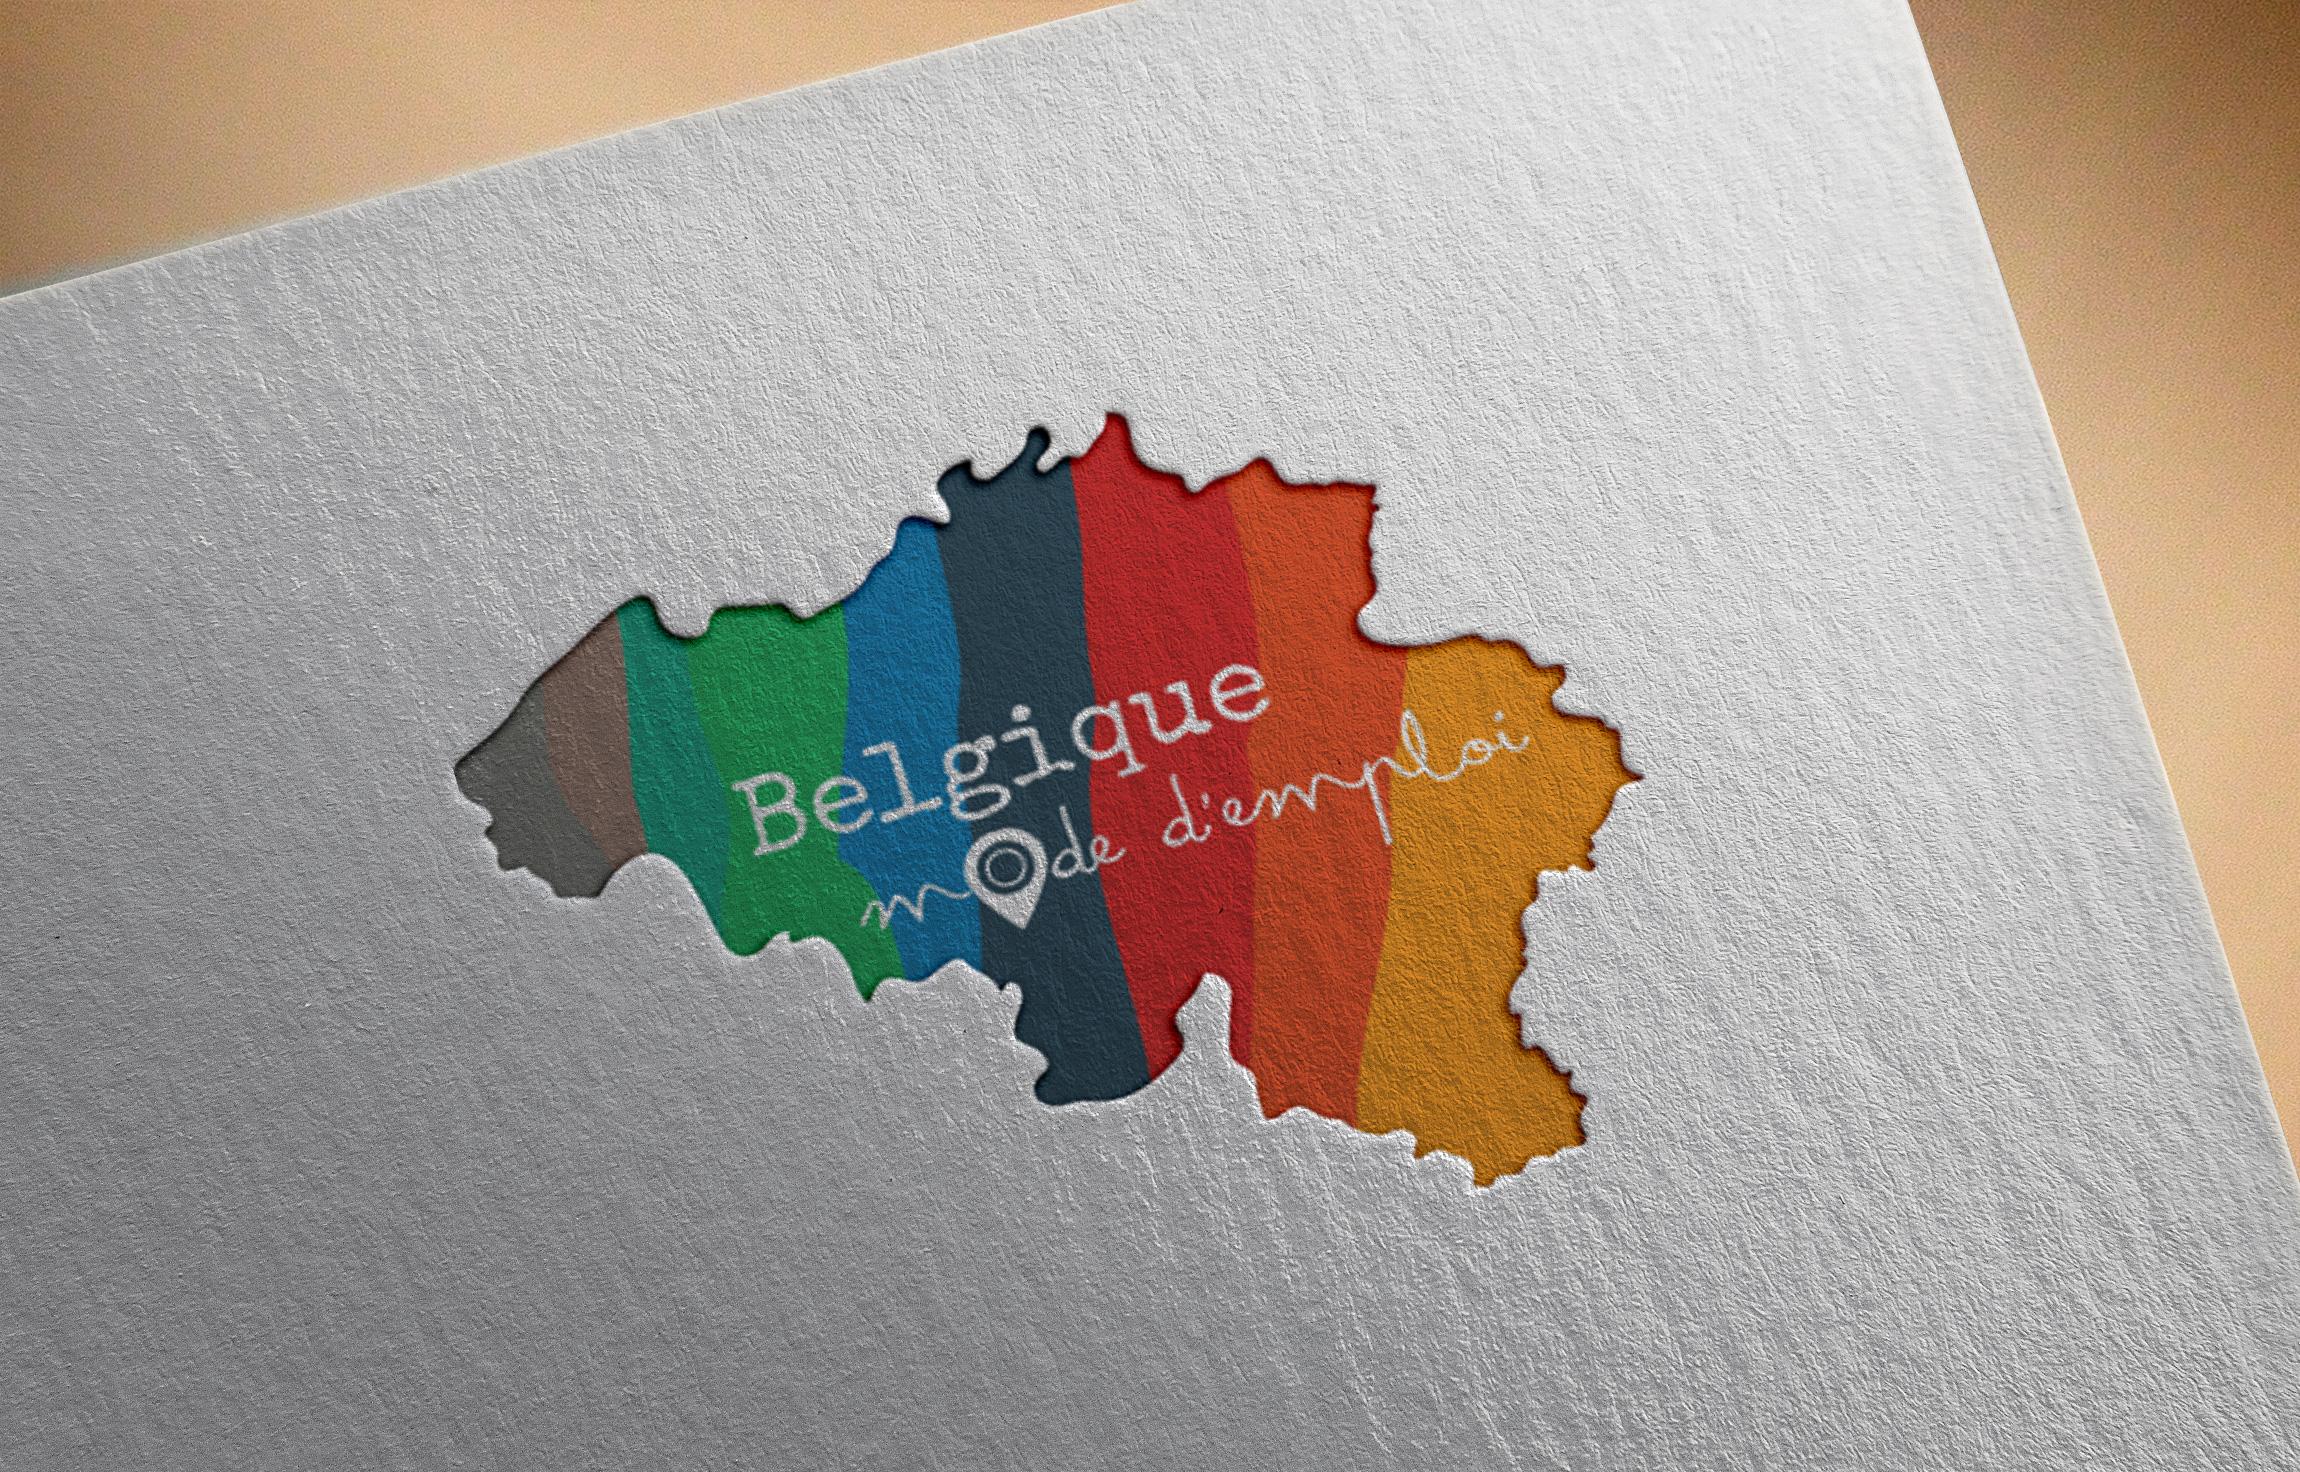 belgique1__1_-1455431777.jpg